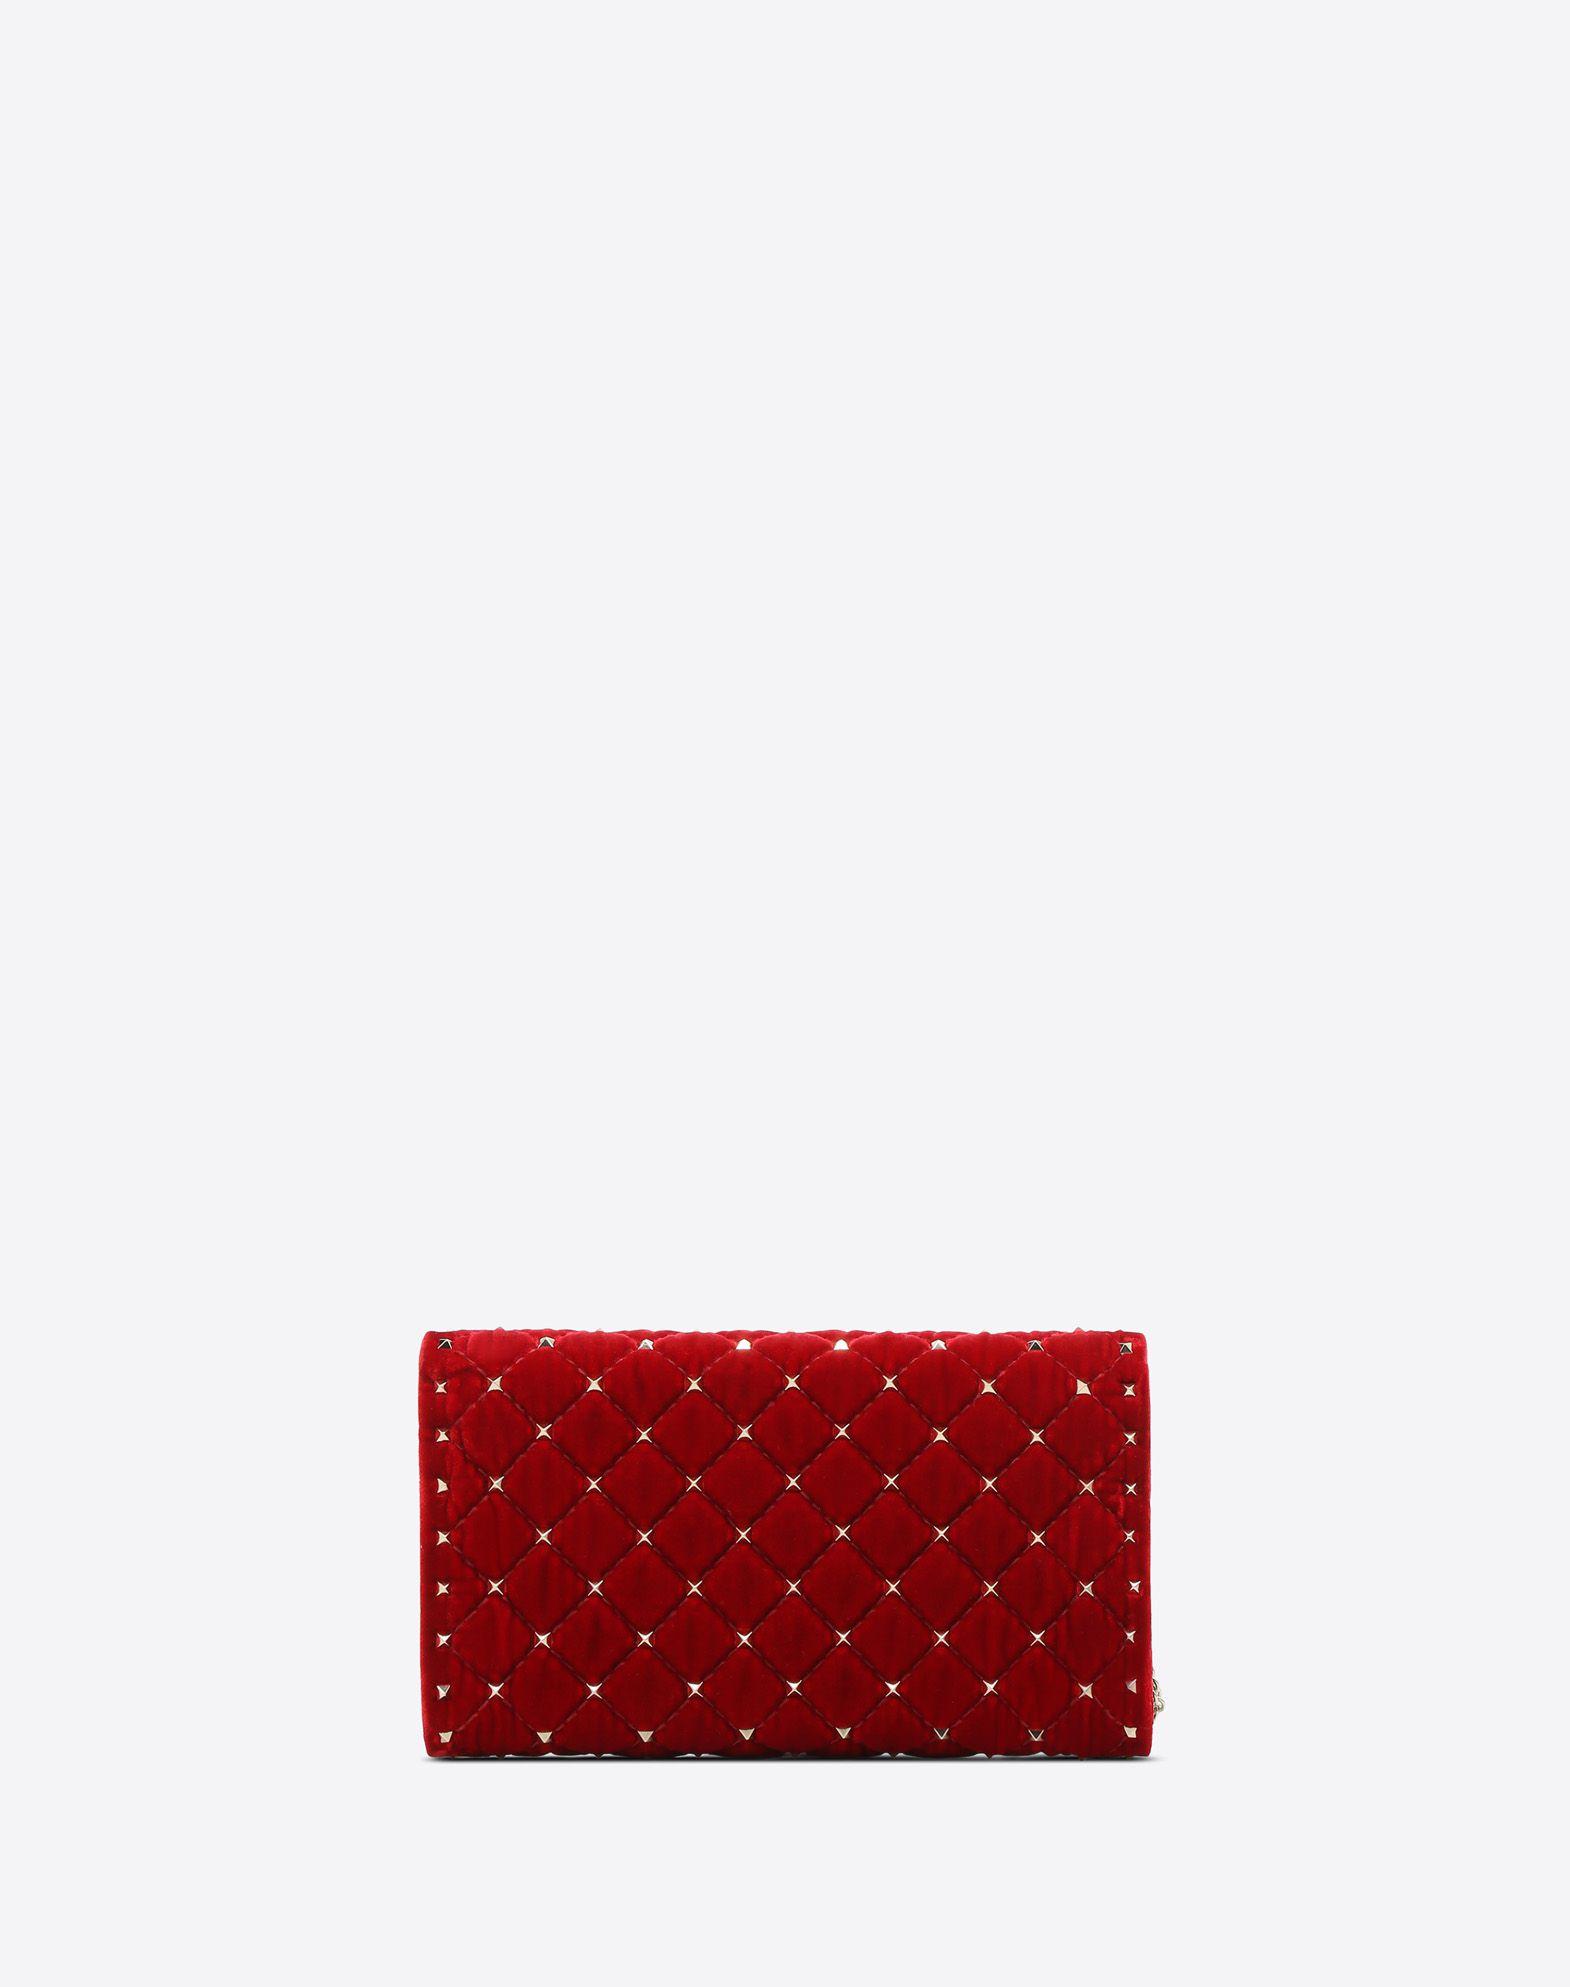 VALENTINO GARAVANI Rockstud Spike Chain Bag Shoulder bag D d